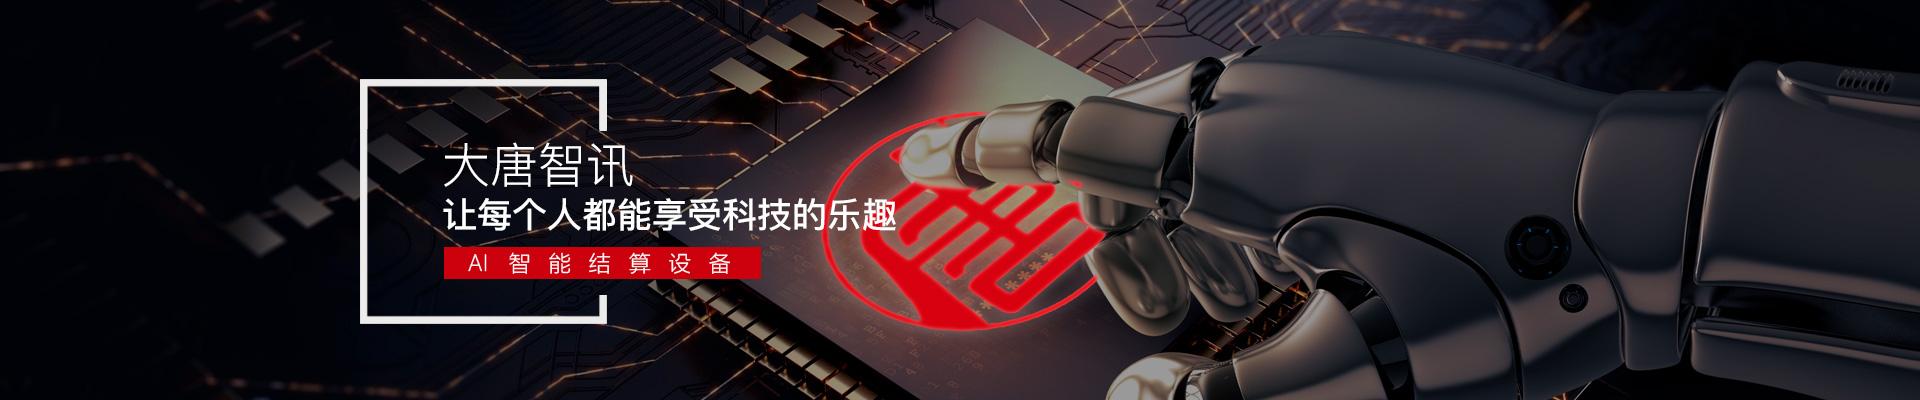 大唐智讯-AI智能结算设备